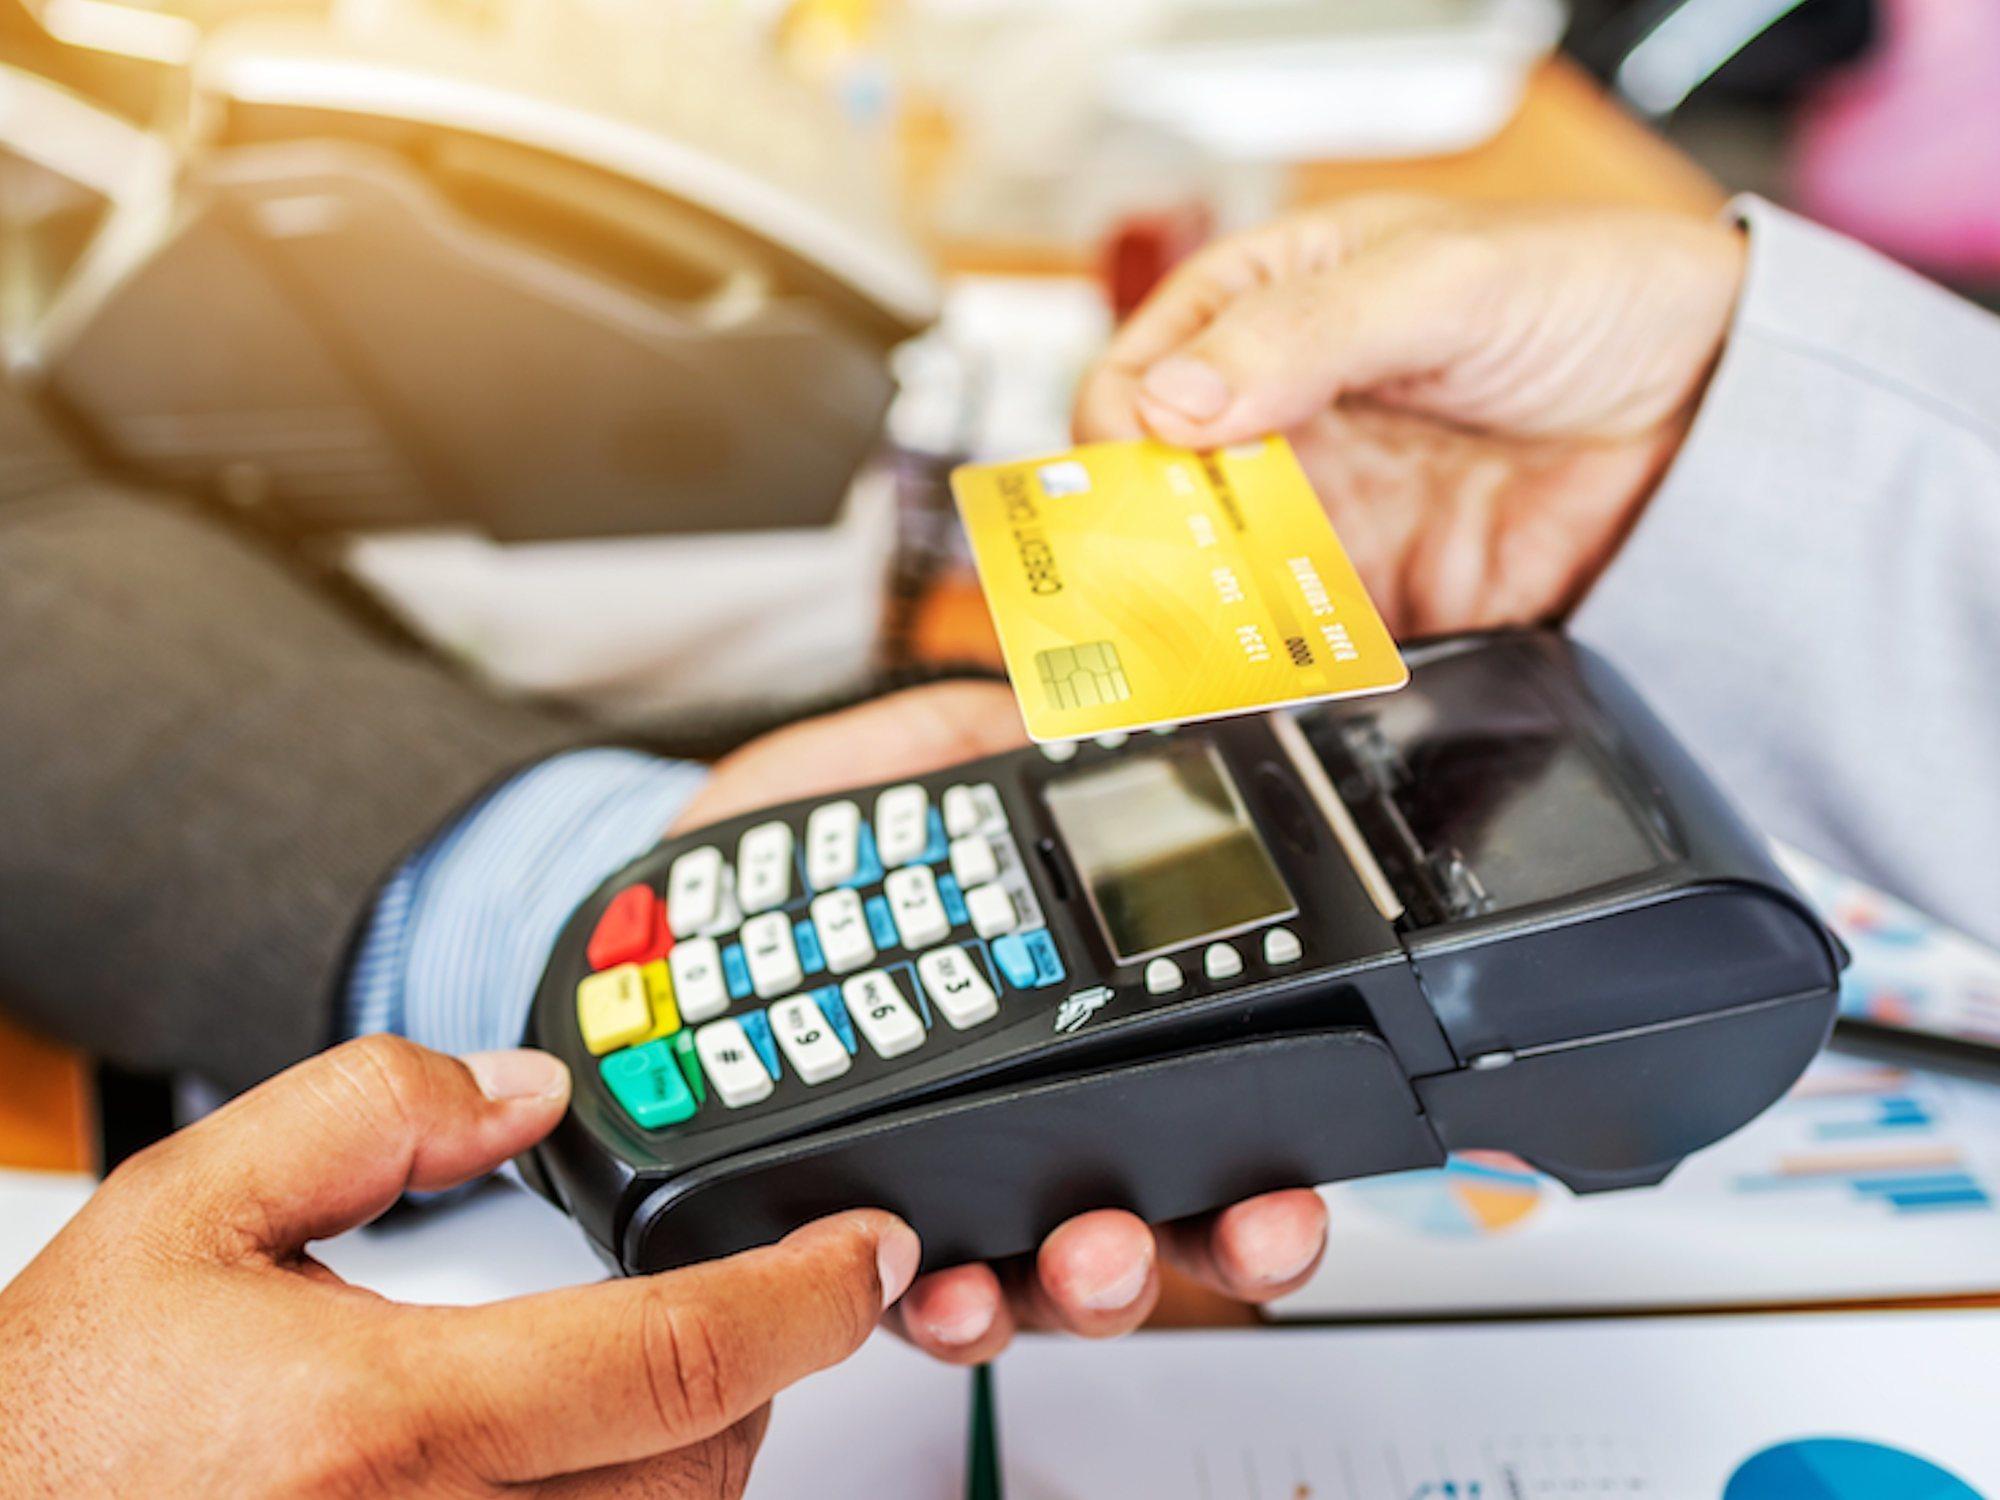 El empleado de una tienda memorizó los datos de 1.300 tarjetas de clientes para hacer compras online